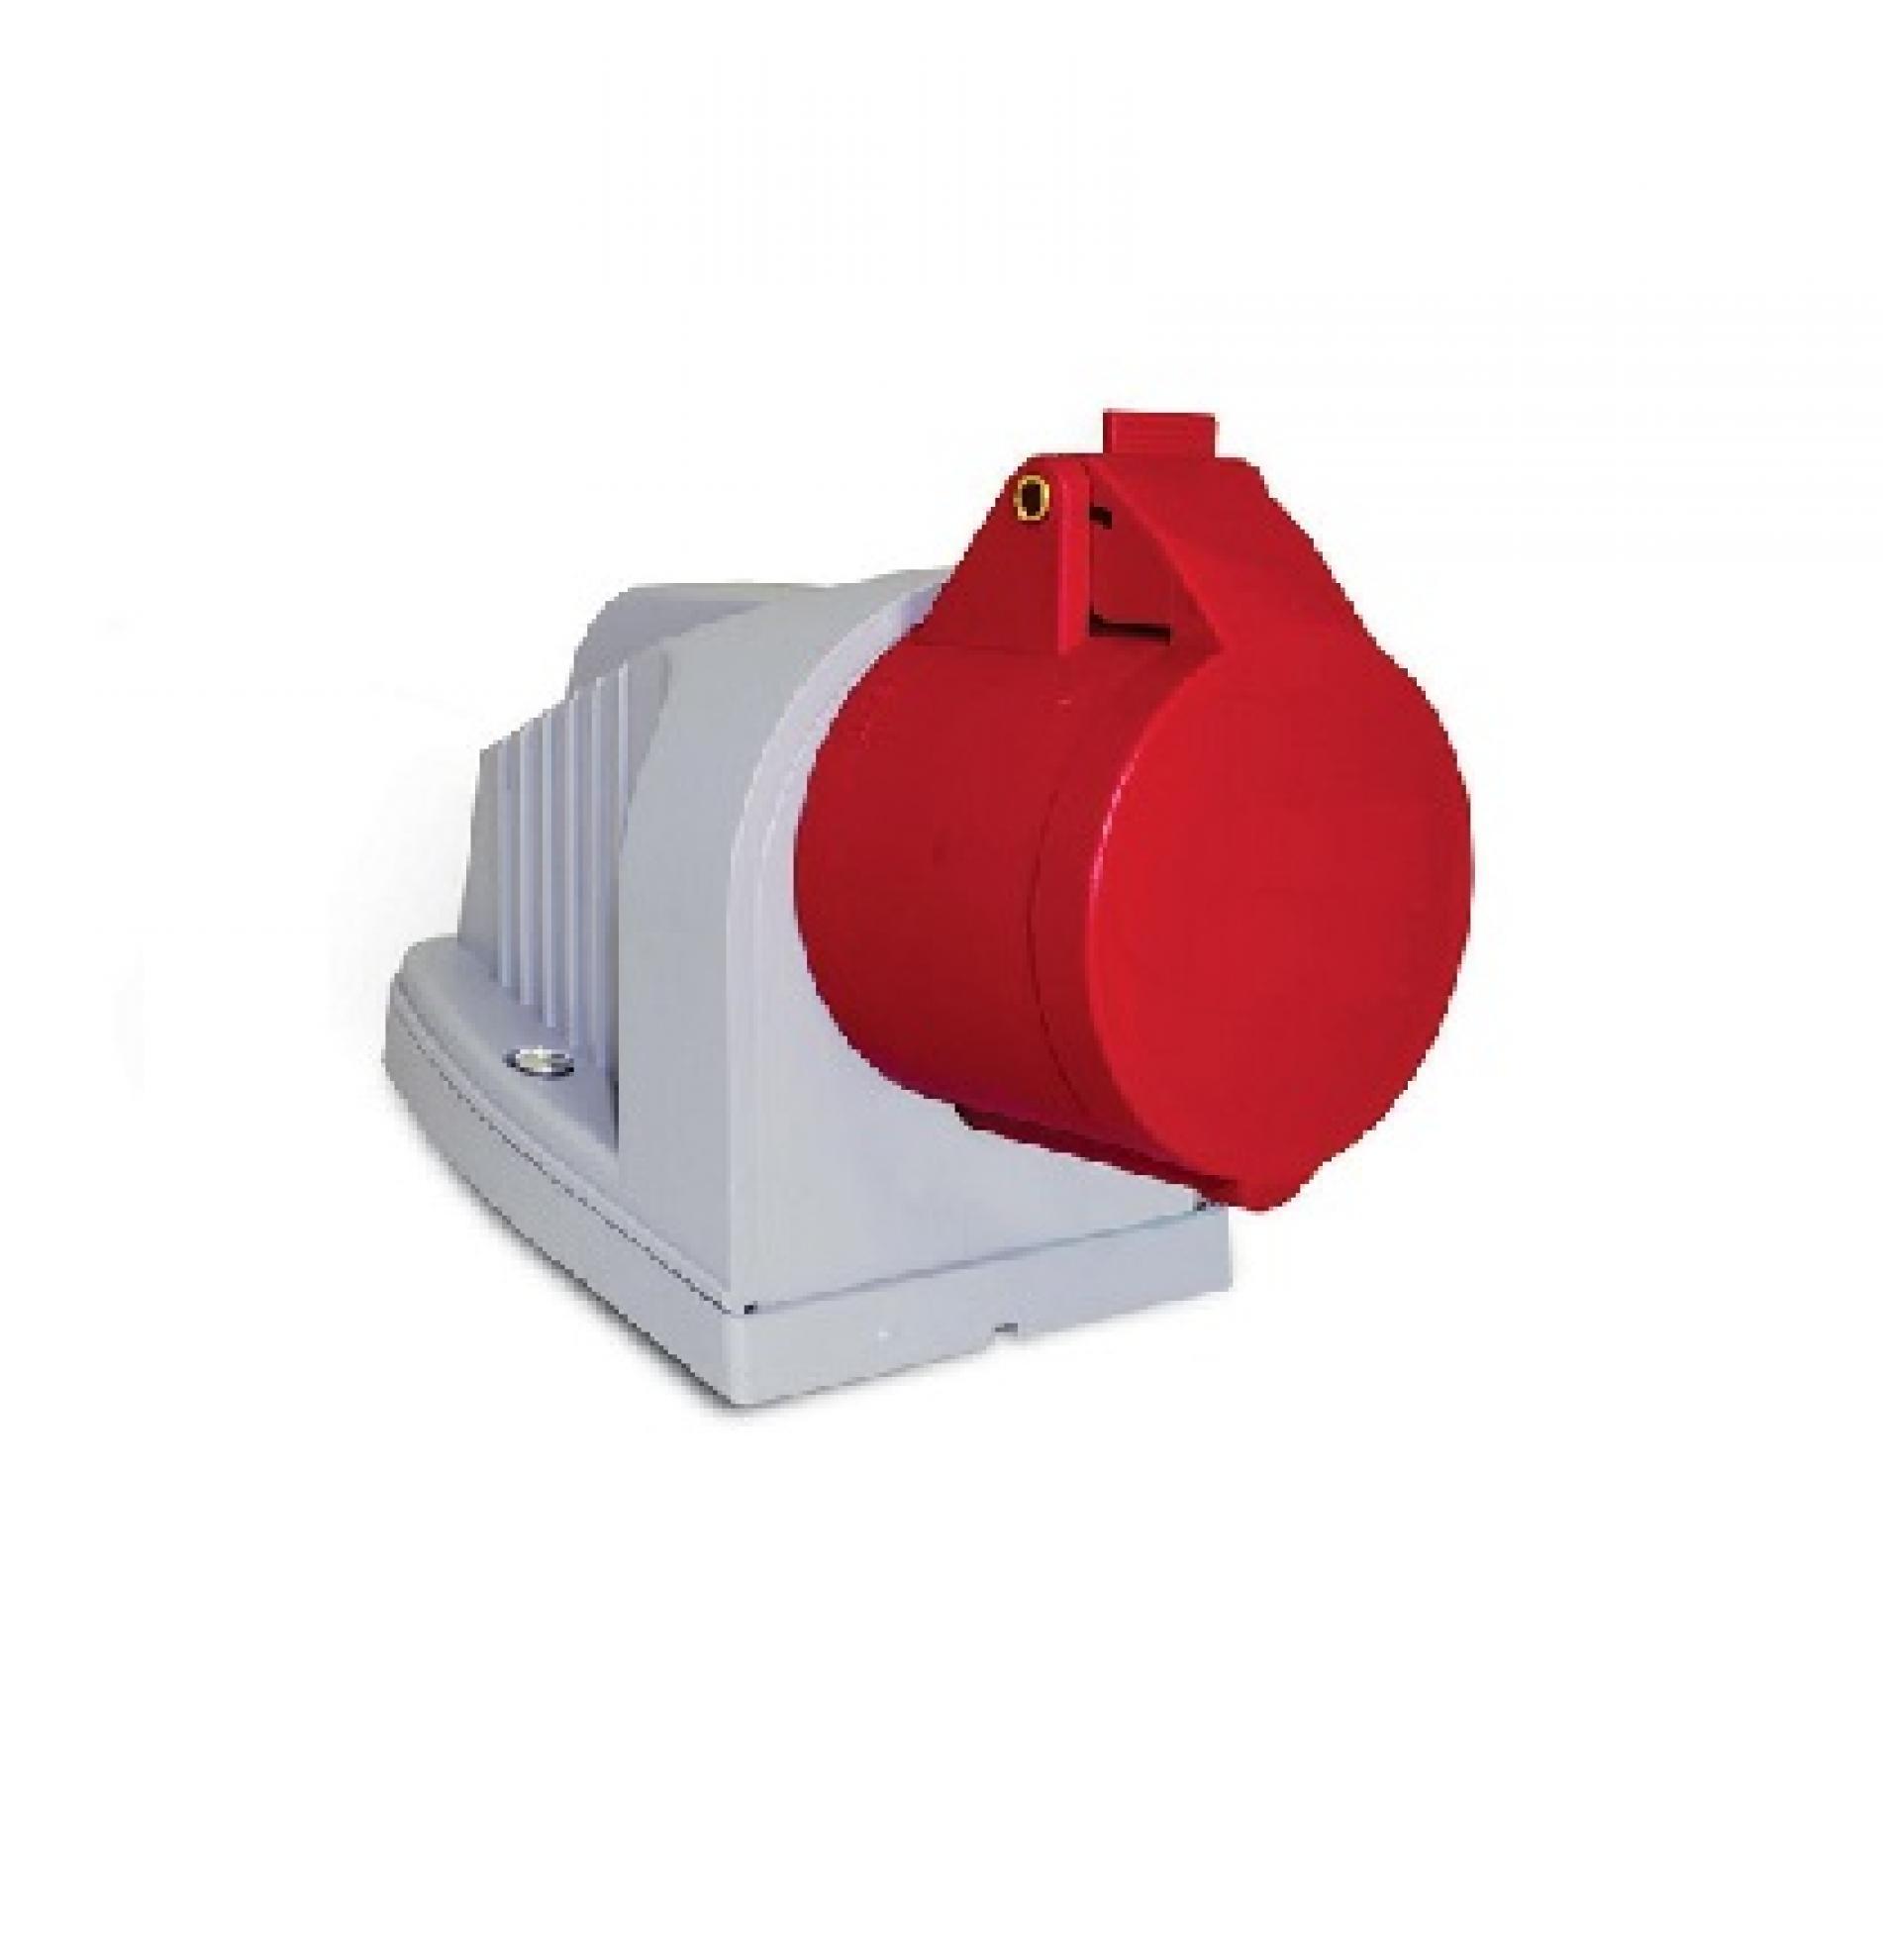 Tomada industrial sobrepor 3P+T+N 63A - 380/440V